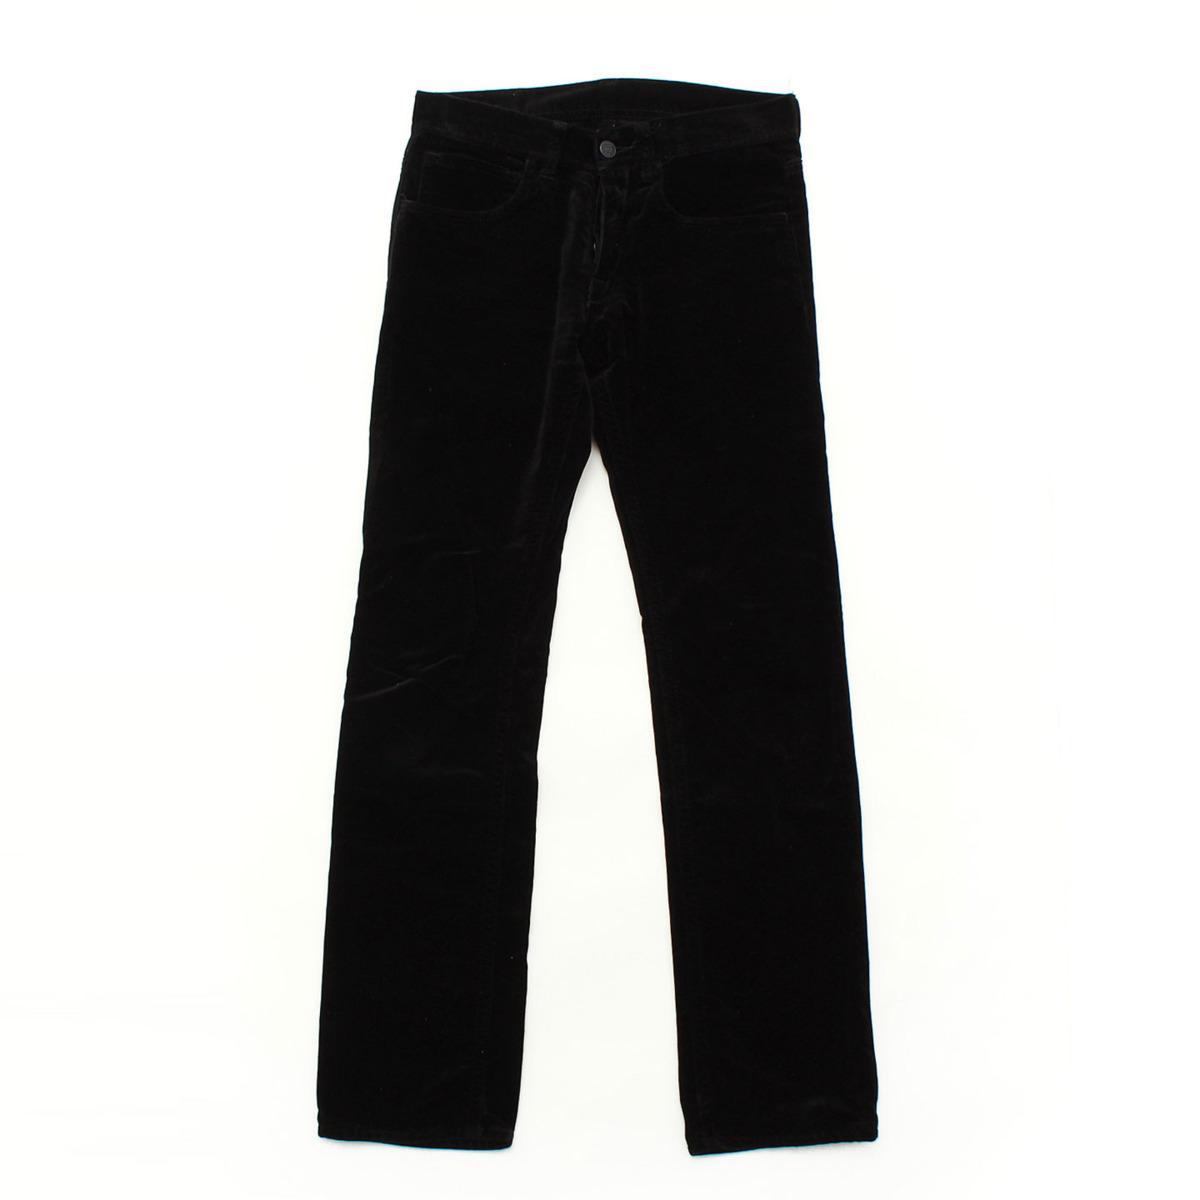 【グッチ】Gucci ベロア パンツ ブラック 【中古】【鑑定済・正規品保証】30072